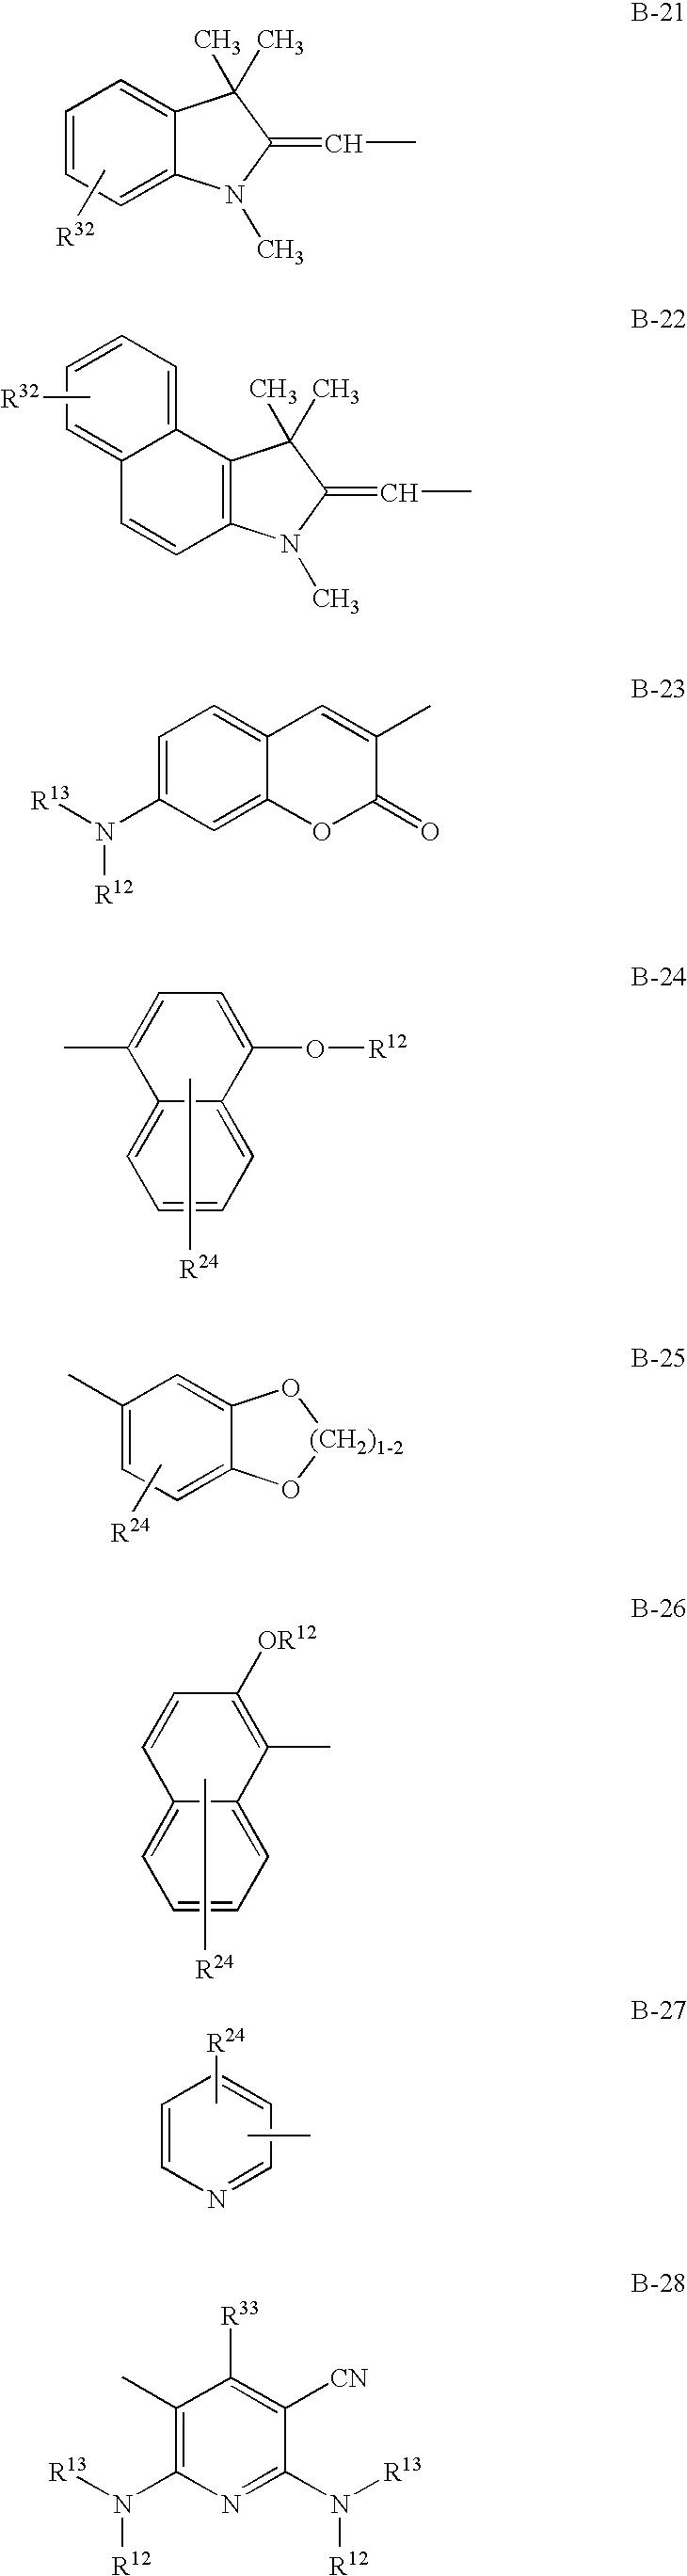 Figure US20070287822A1-20071213-C00014